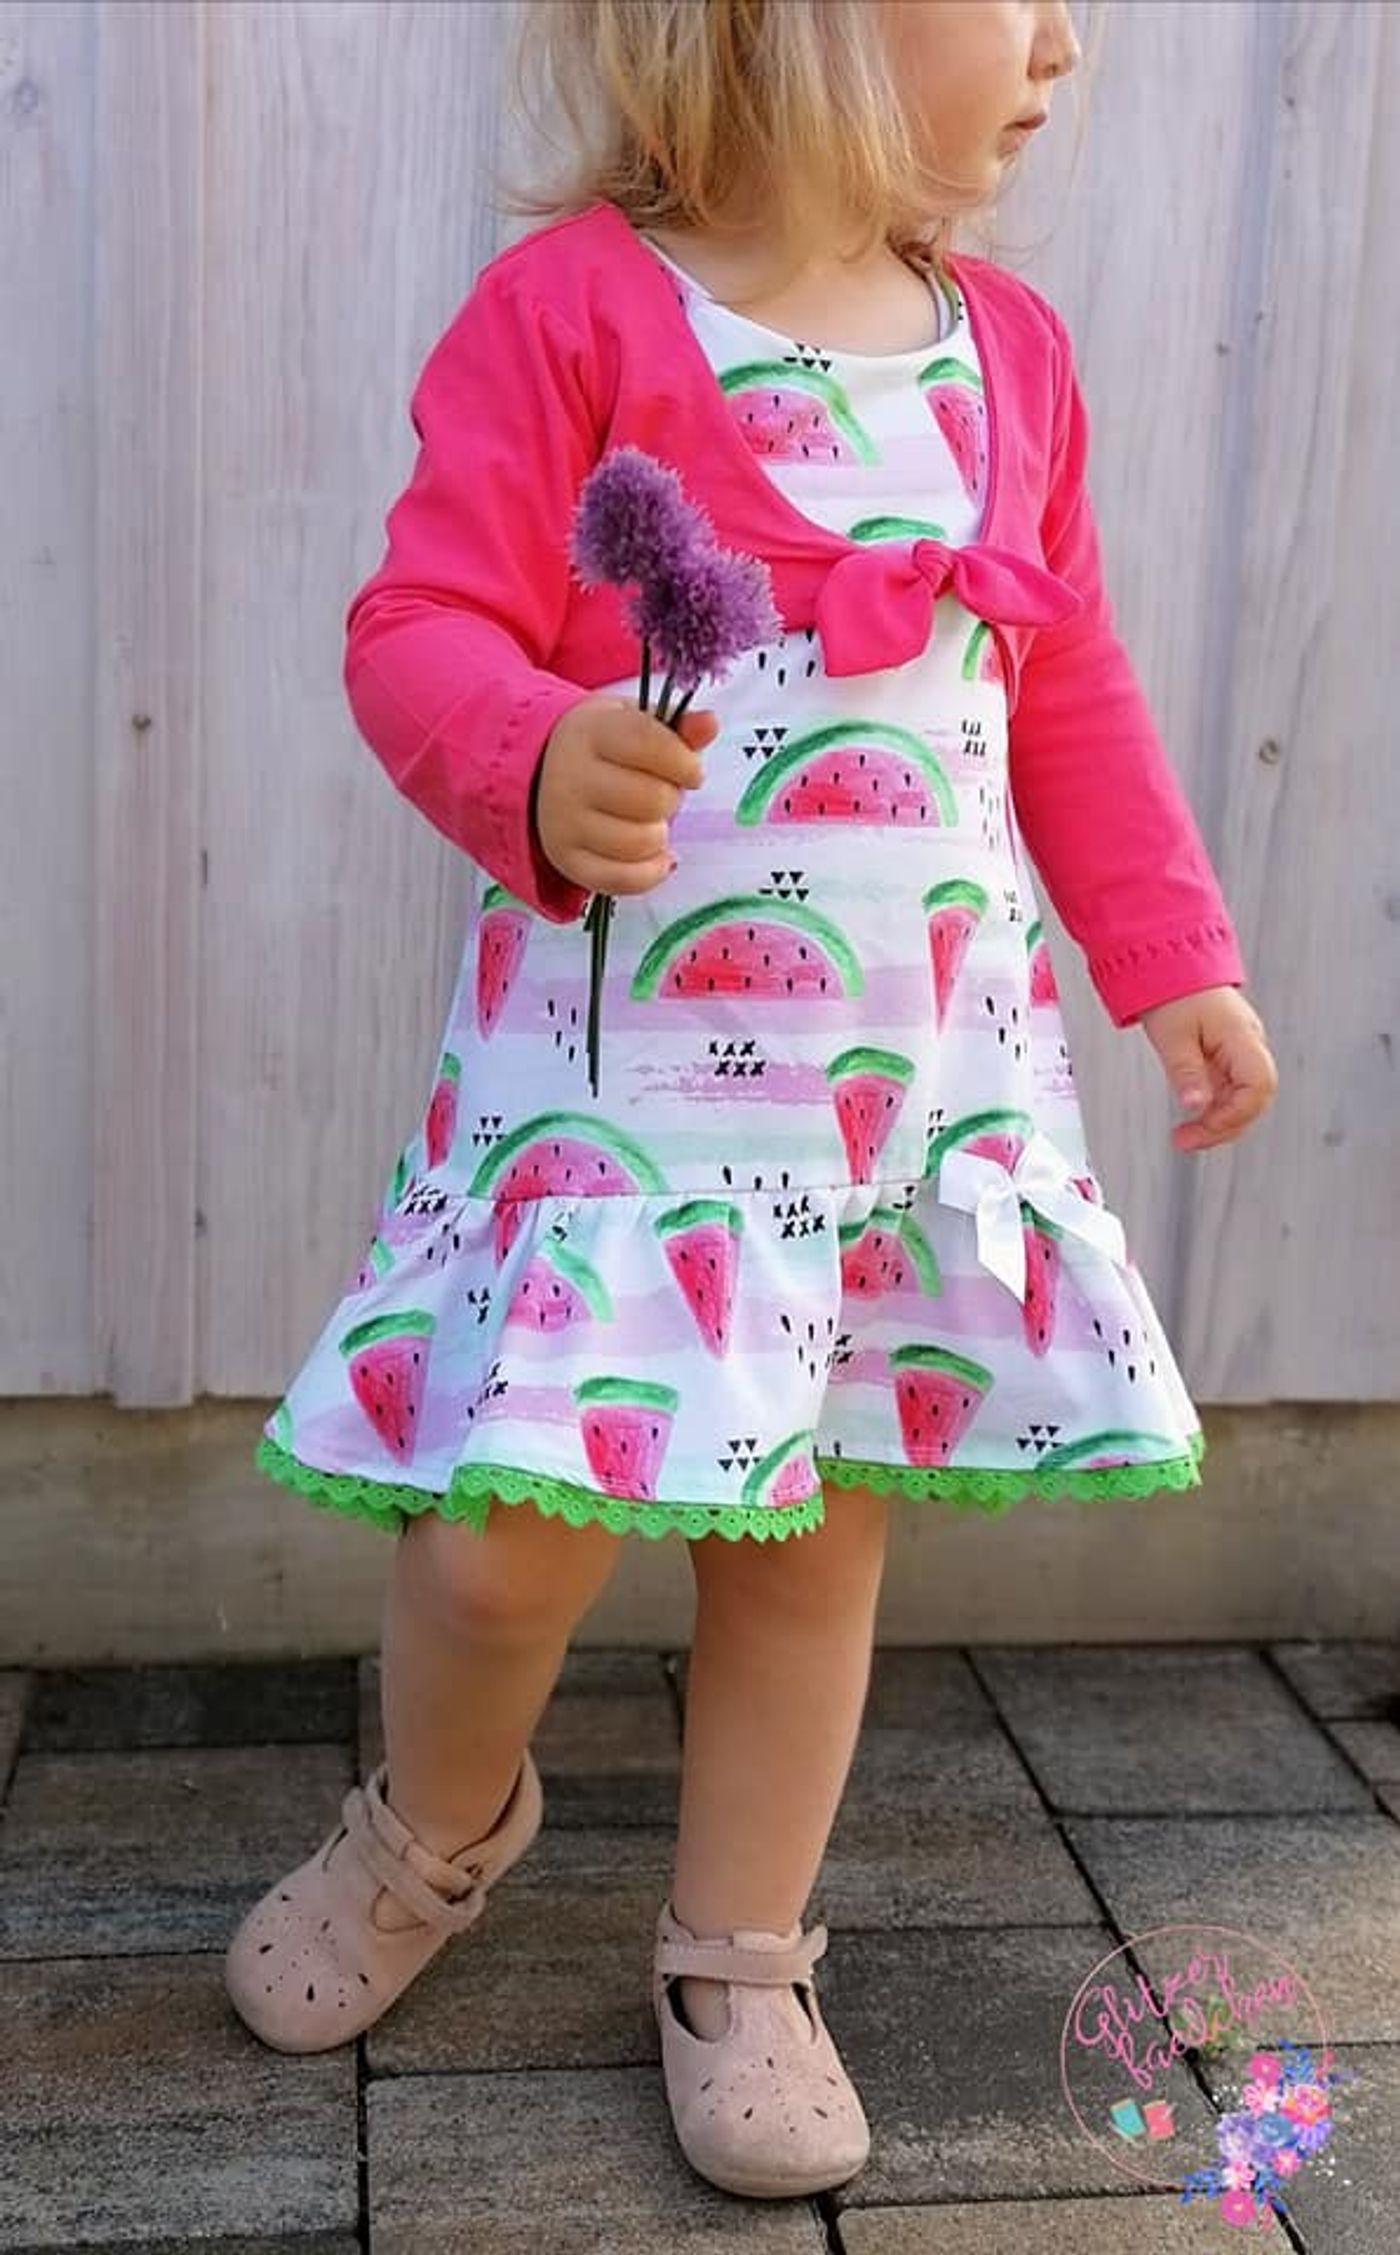 Produktfoto 14 von Happy Pearl für Schnittmuster Little SUNdrina + Happy SUNdrina Tunika/Kleid und 43cm Puppenschnitt